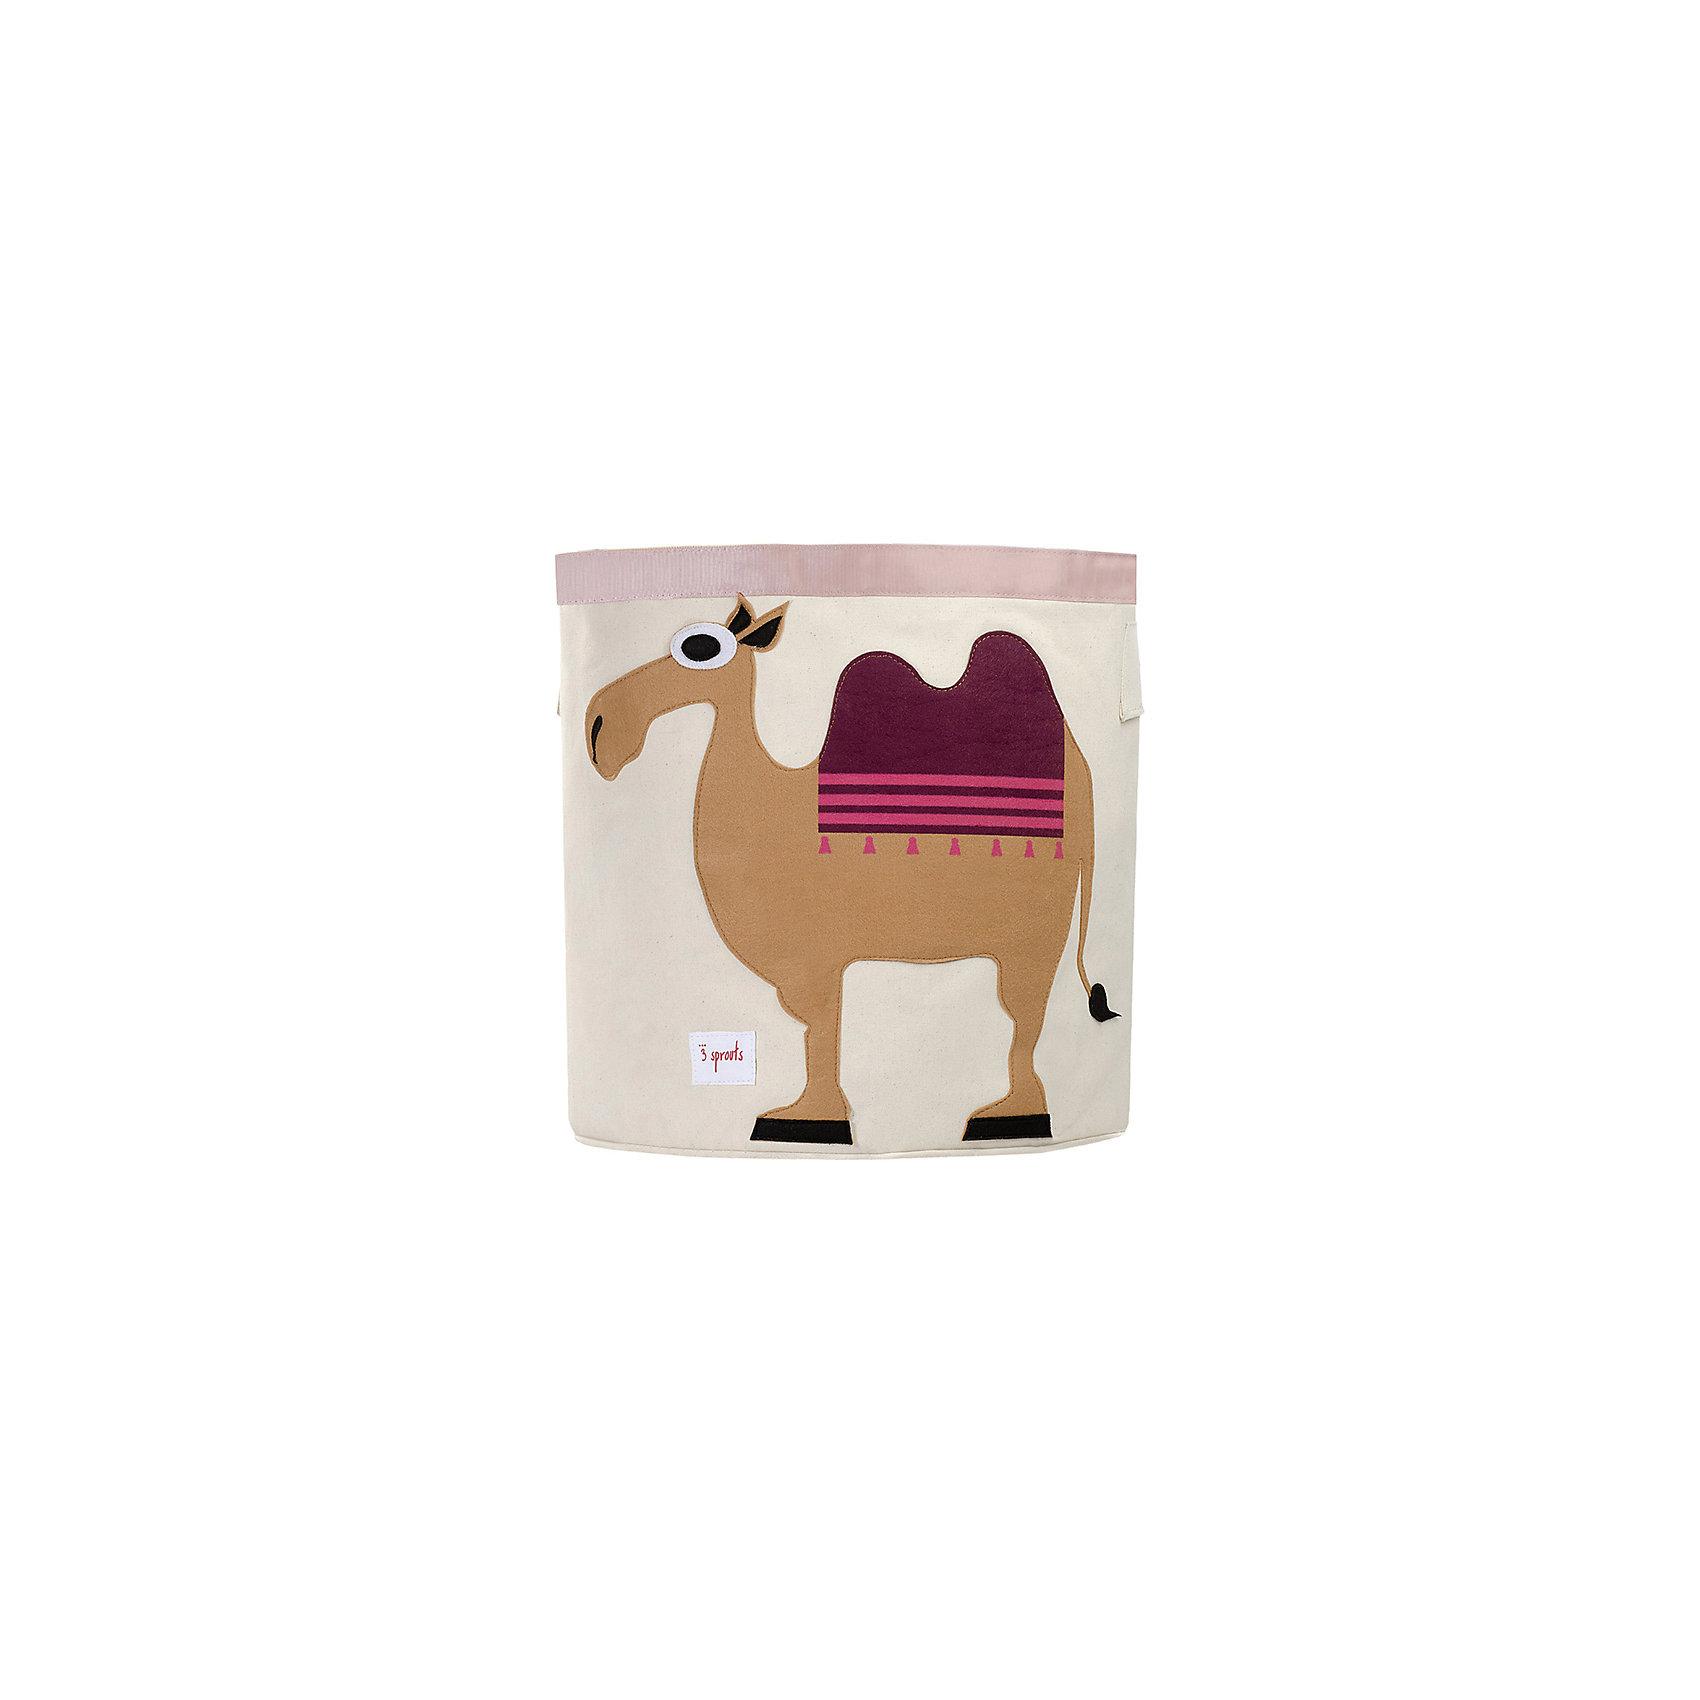 Корзина для хранения Верблюд (Sand Camel), 3 SproutsТакие милые корзины помогут Вам навести порядок в детской. Размер корзины позволяет хранить в ней игрушки или белье.  <br><br>Дополнительная информация:<br><br>- Размер полотенца: 44.5х43 см.<br>- Материал: <br>100% хлопковый брезент.<br>100% полиэстровая фетровая аппликация.<br>100% полиэтиленовое покрытие (внутри).<br><br>Купить корзину для хранения Верблюд (Sand Camel), можно в нашем магазине.<br><br>Ширина мм: 250<br>Глубина мм: 20<br>Высота мм: 450<br>Вес г: 526<br>Возраст от месяцев: 6<br>Возраст до месяцев: 84<br>Пол: Унисекс<br>Возраст: Детский<br>SKU: 5098213